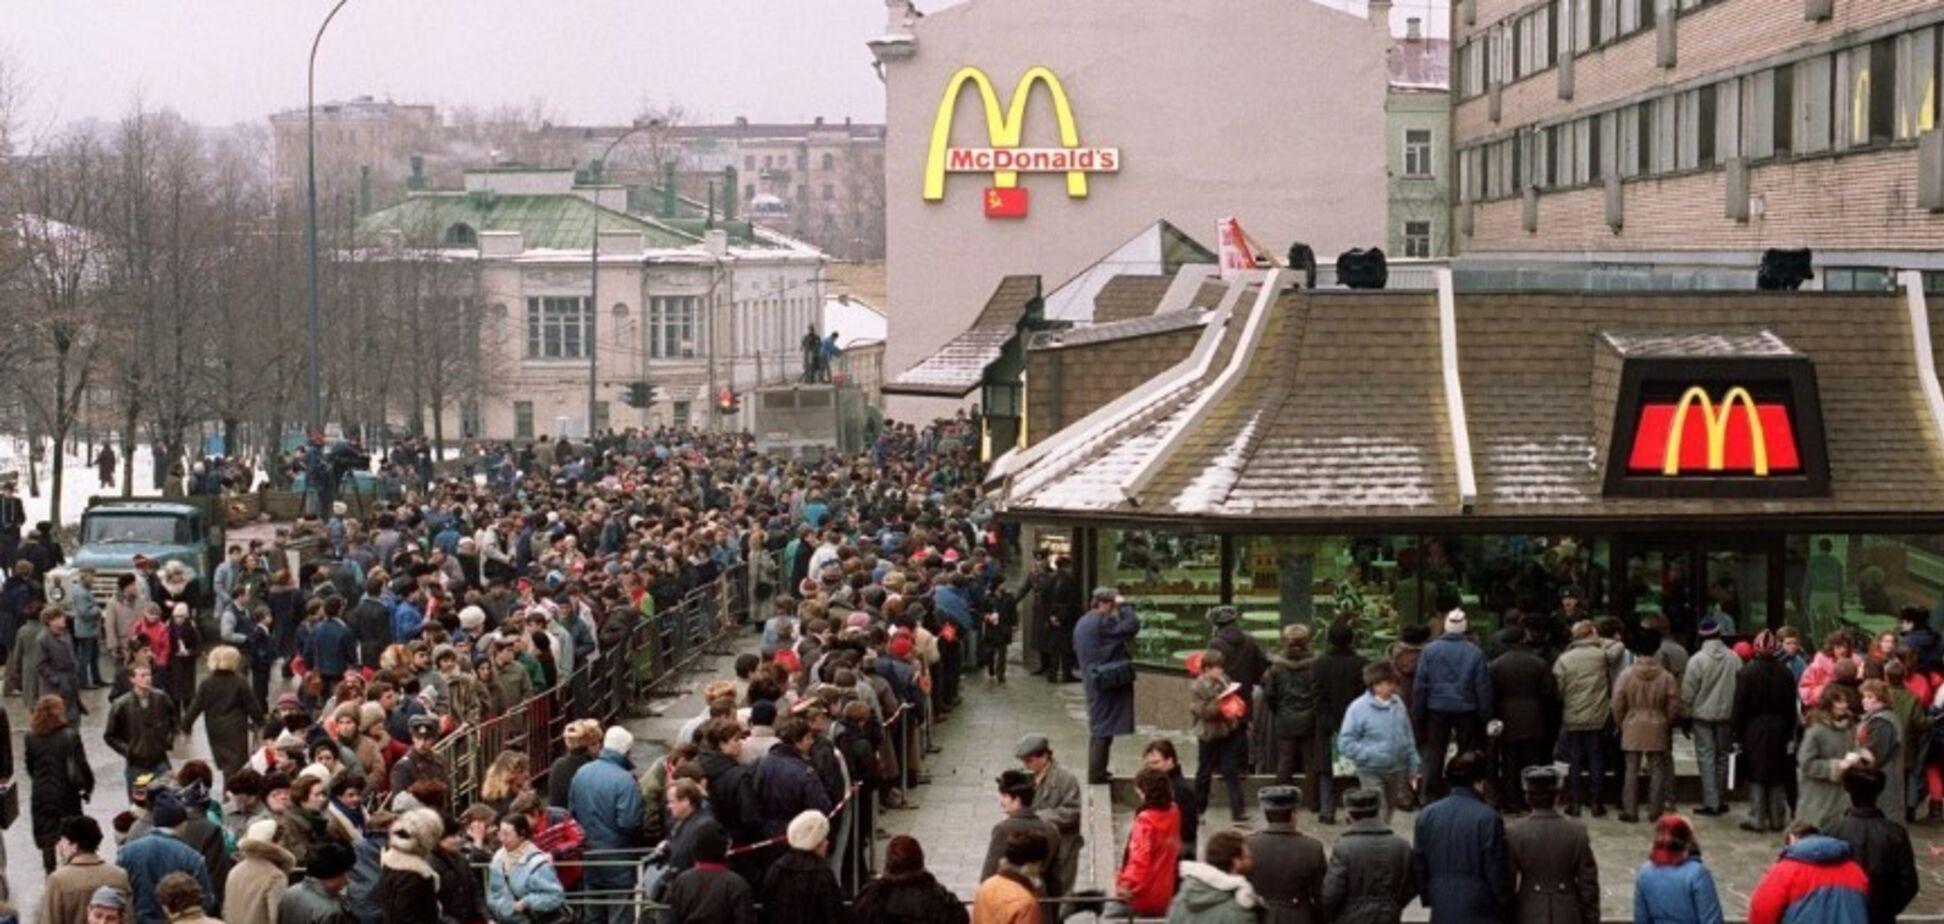 Бургер за ціною проїзного: спливли фото і відео першого McDonald's в СРСР